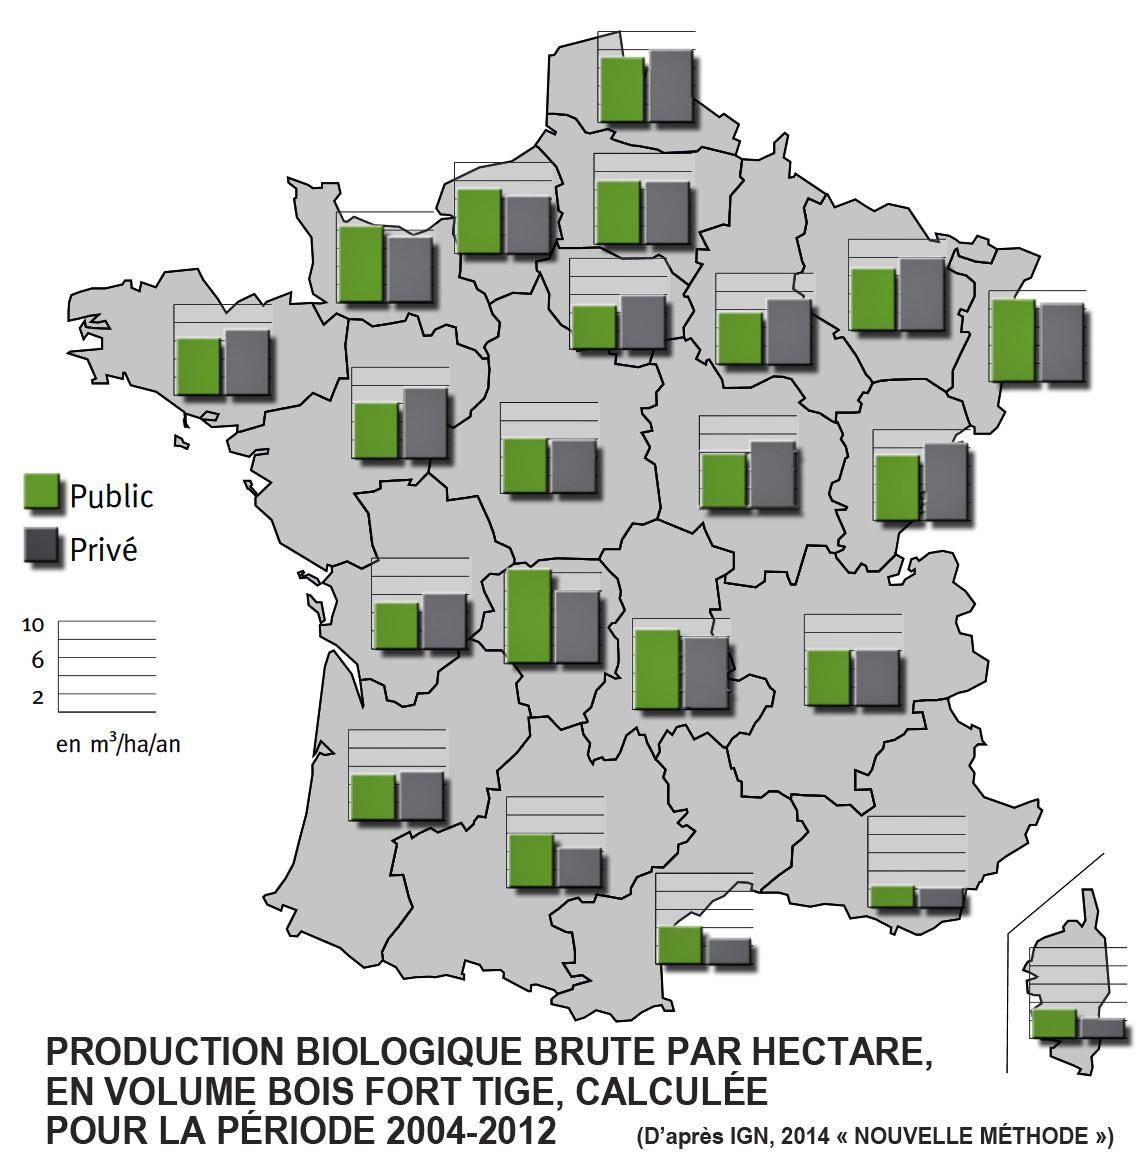 ffcba435e8e File Production biologique brute ha bol bois fort tige IGN France 2004  2012.jpg